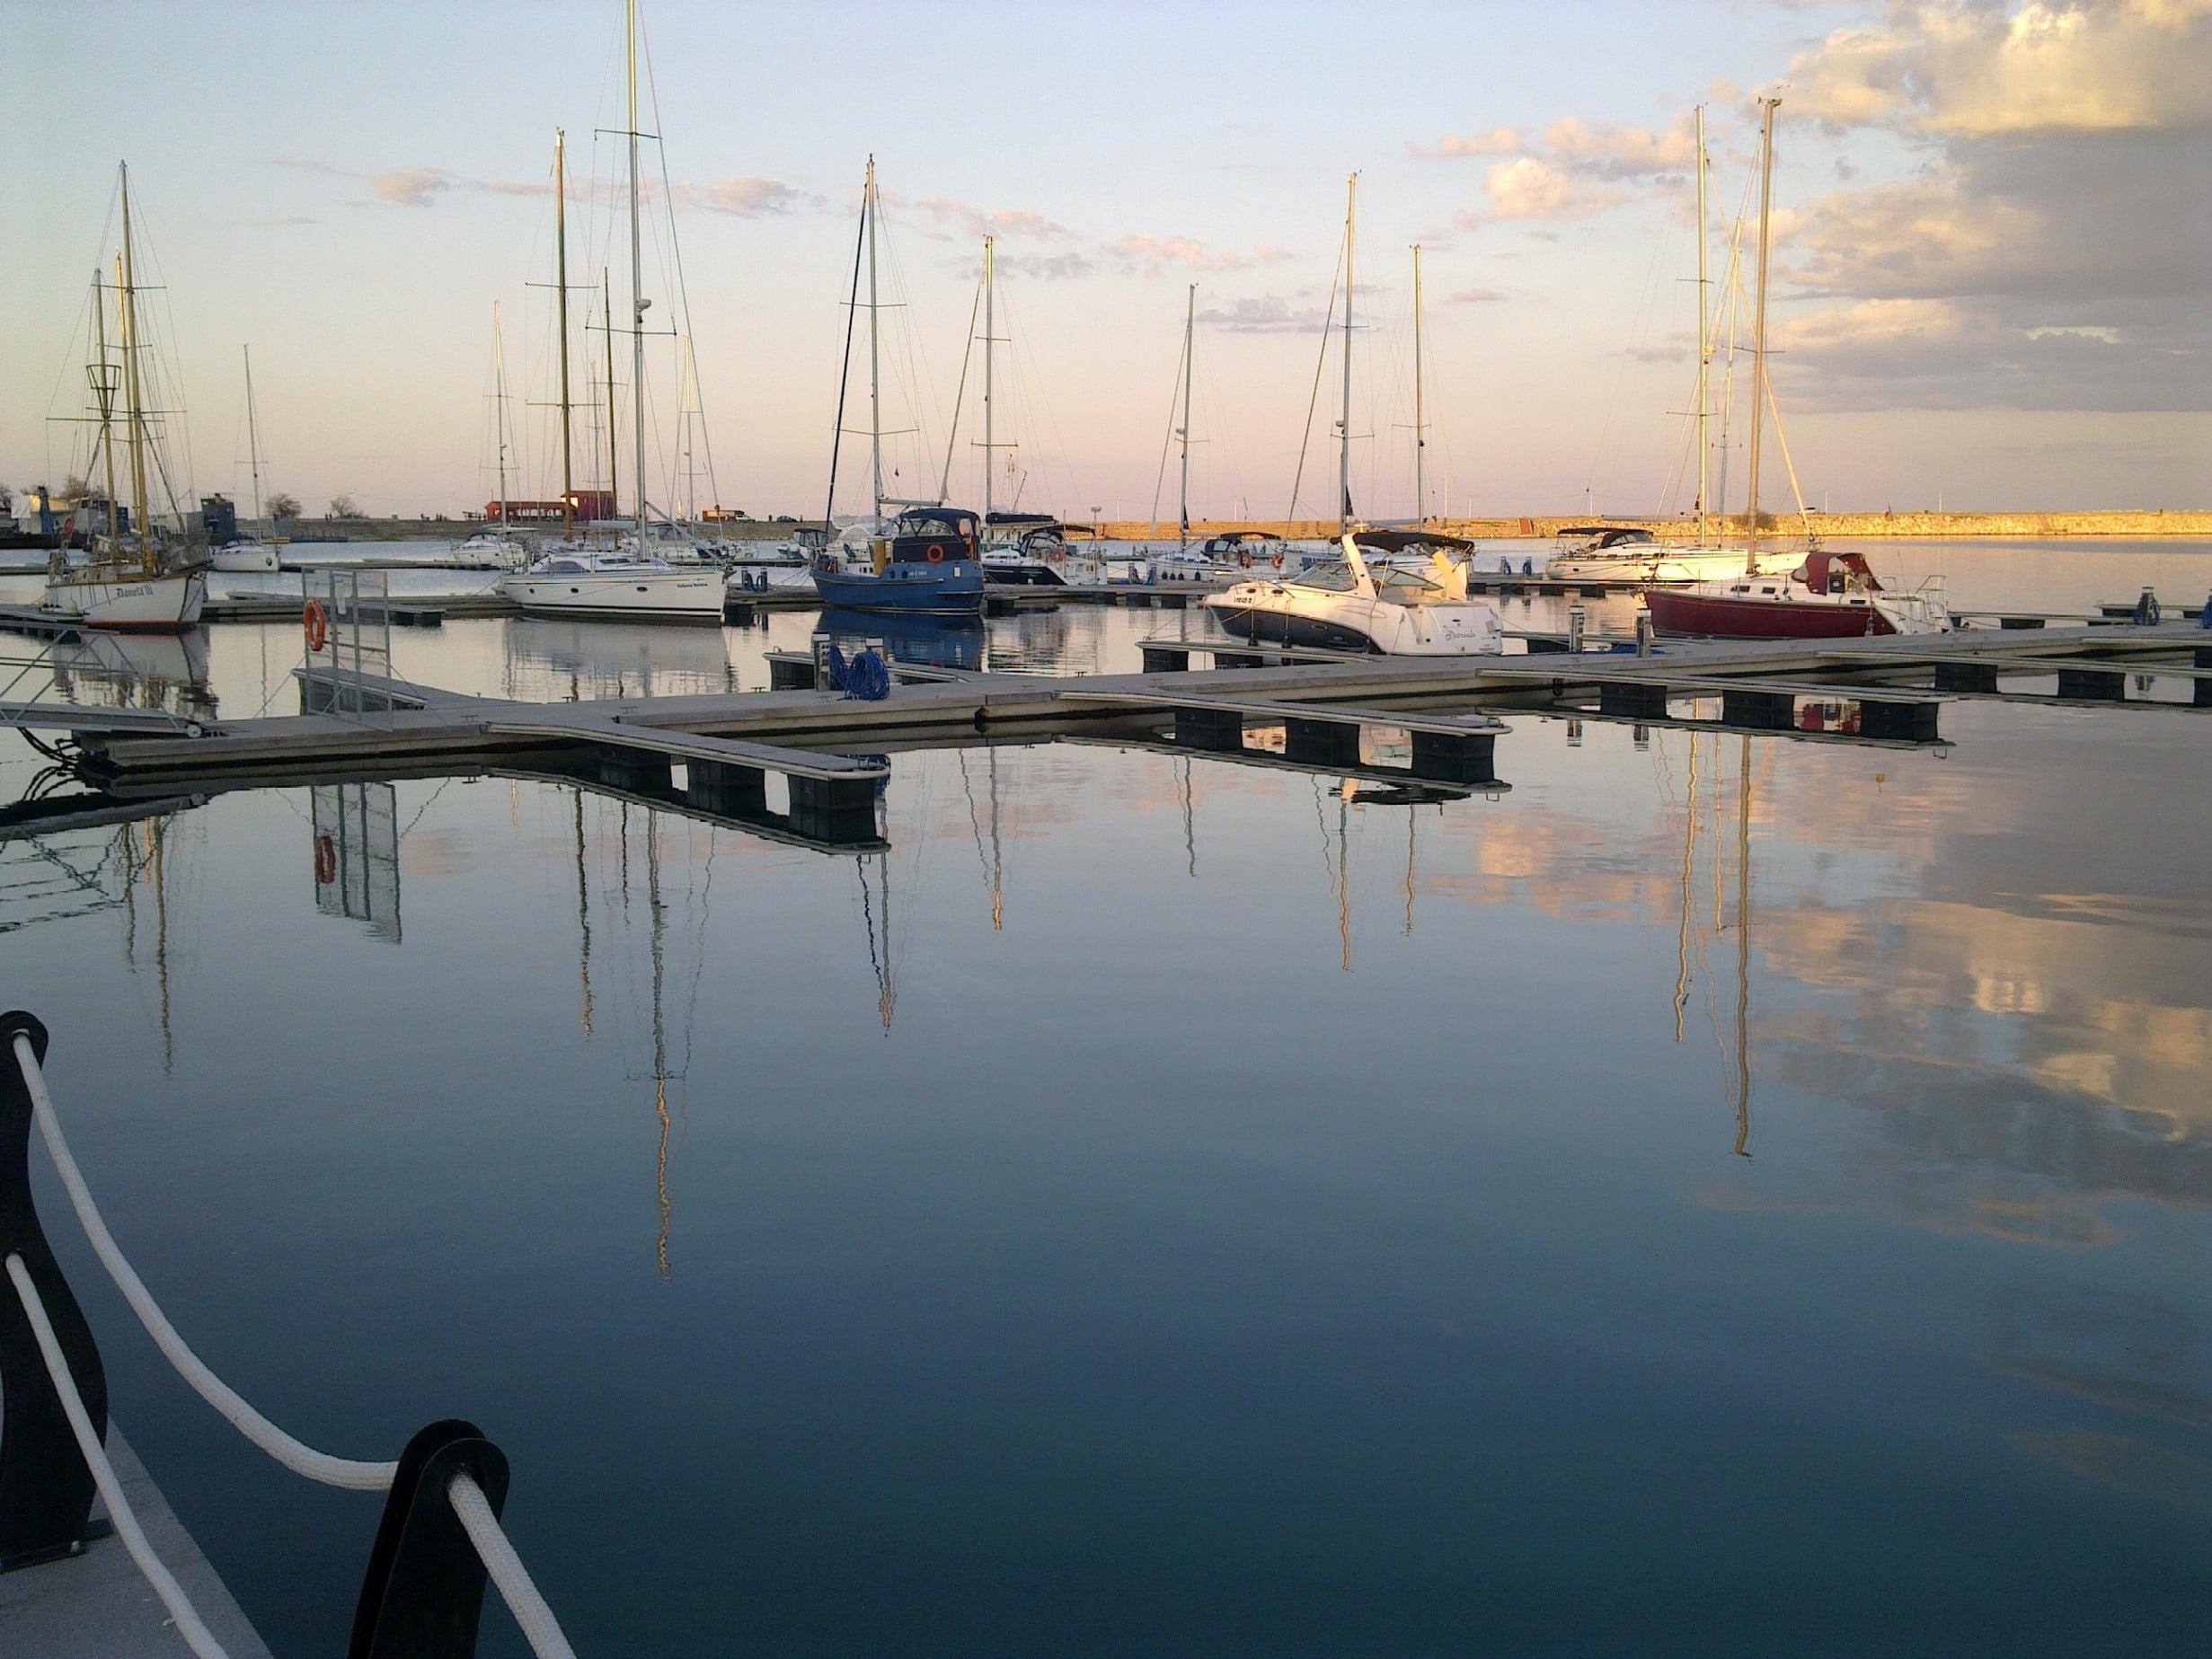 Cadrul natural al portului turistic Mangalia este absolut superb